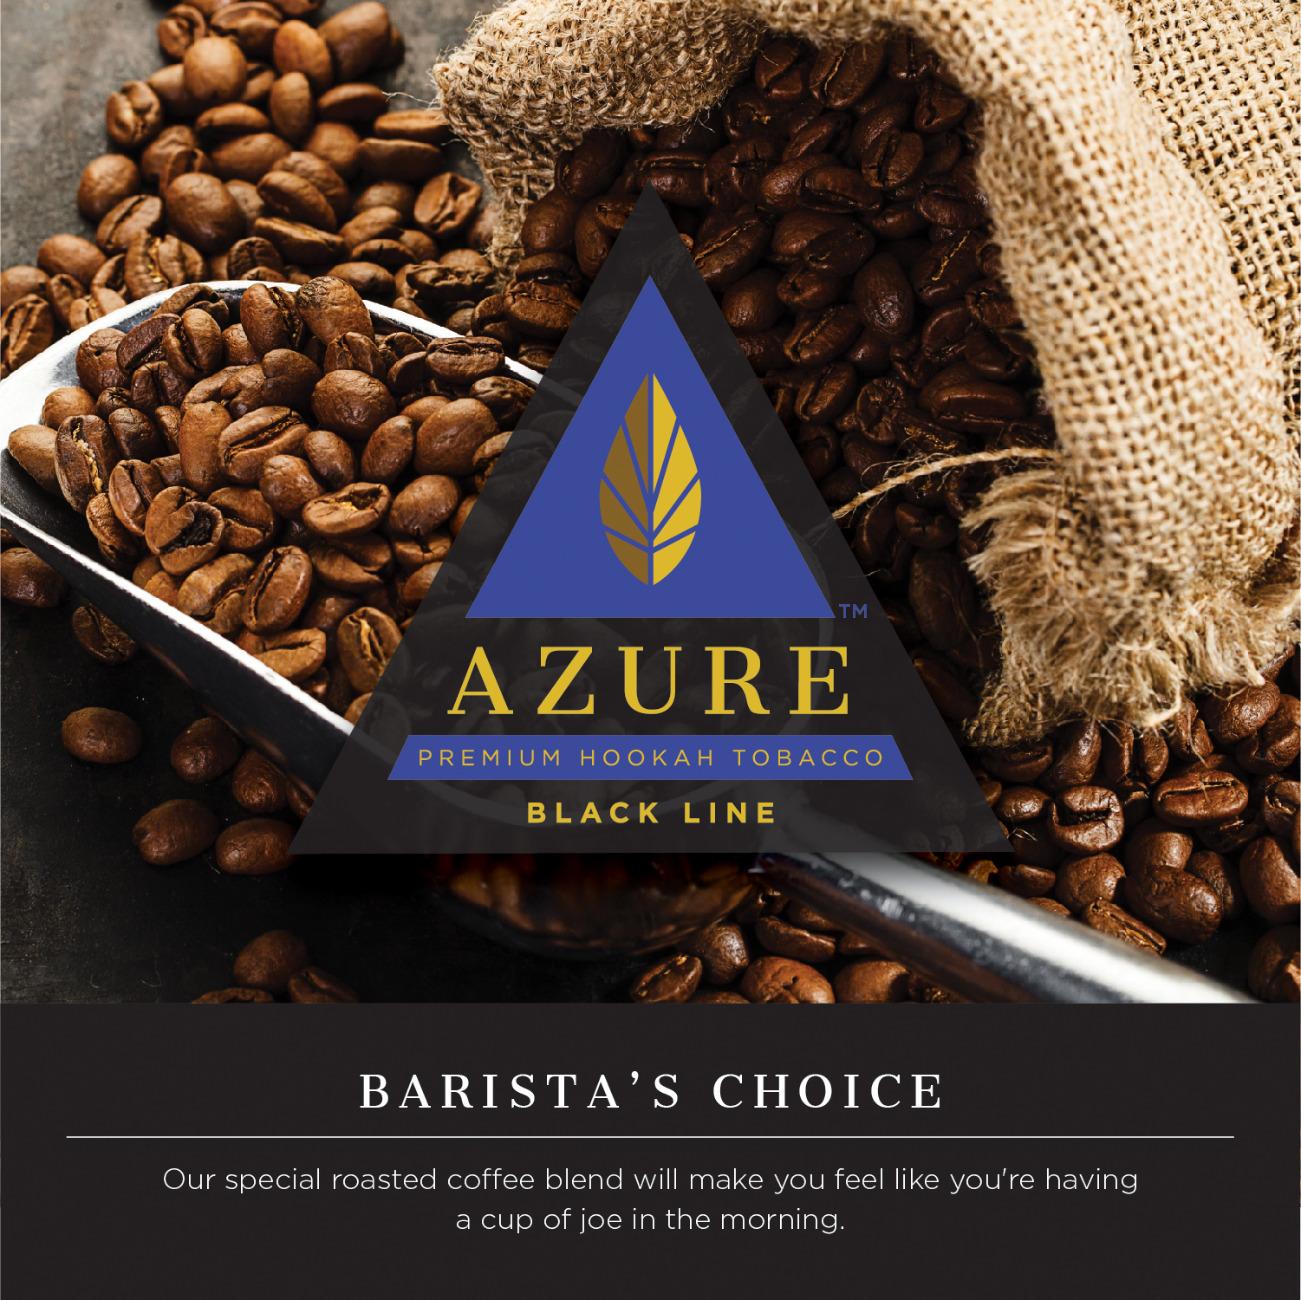 Azure Black / Barista's Choice(シーシャのCoffee系の1つの典型といった香り、割とクラシック)